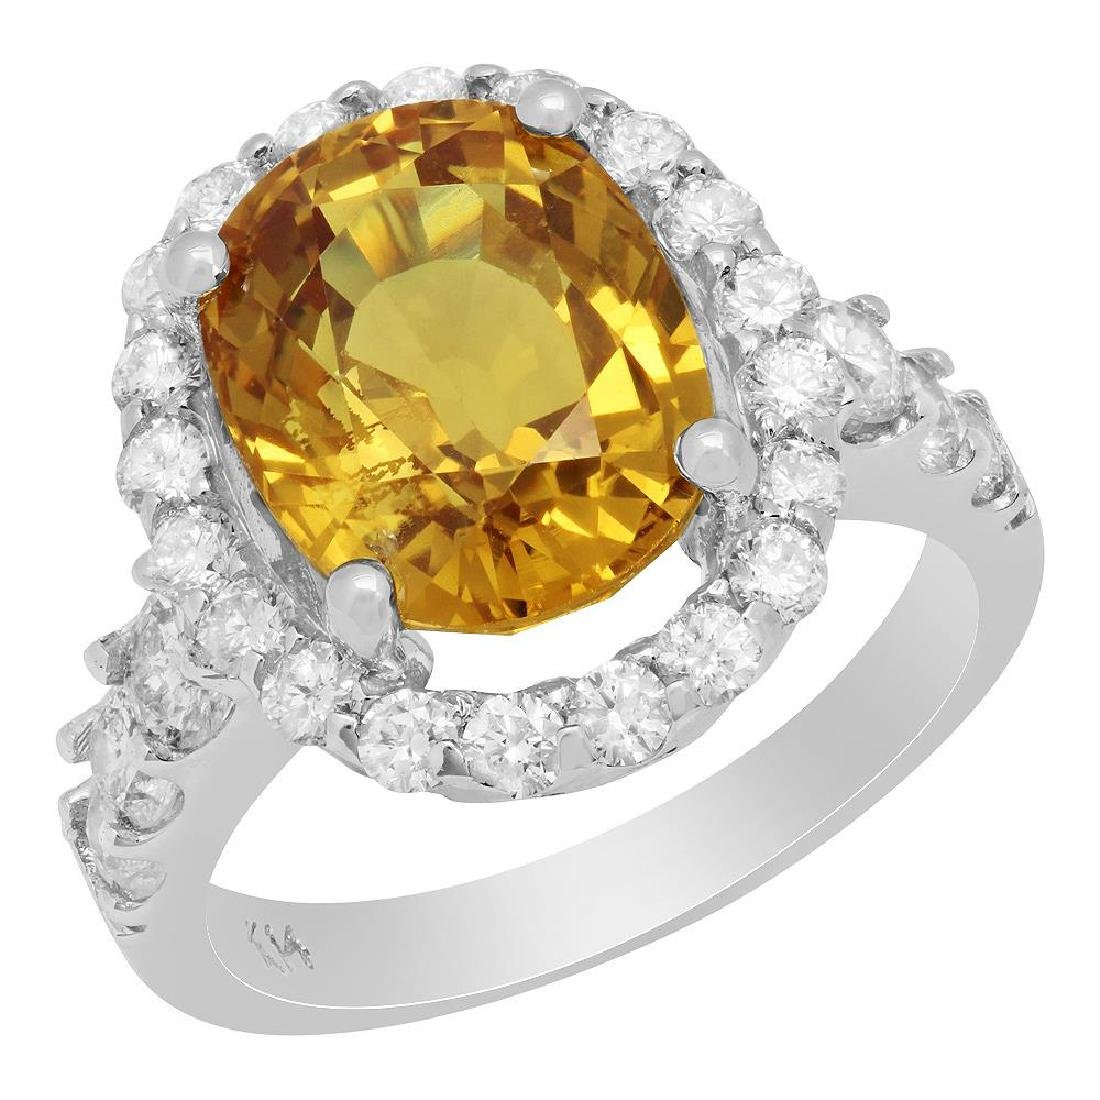 14k White Gold 6.95ct Yellow Sapphire 1.42ct Diamond